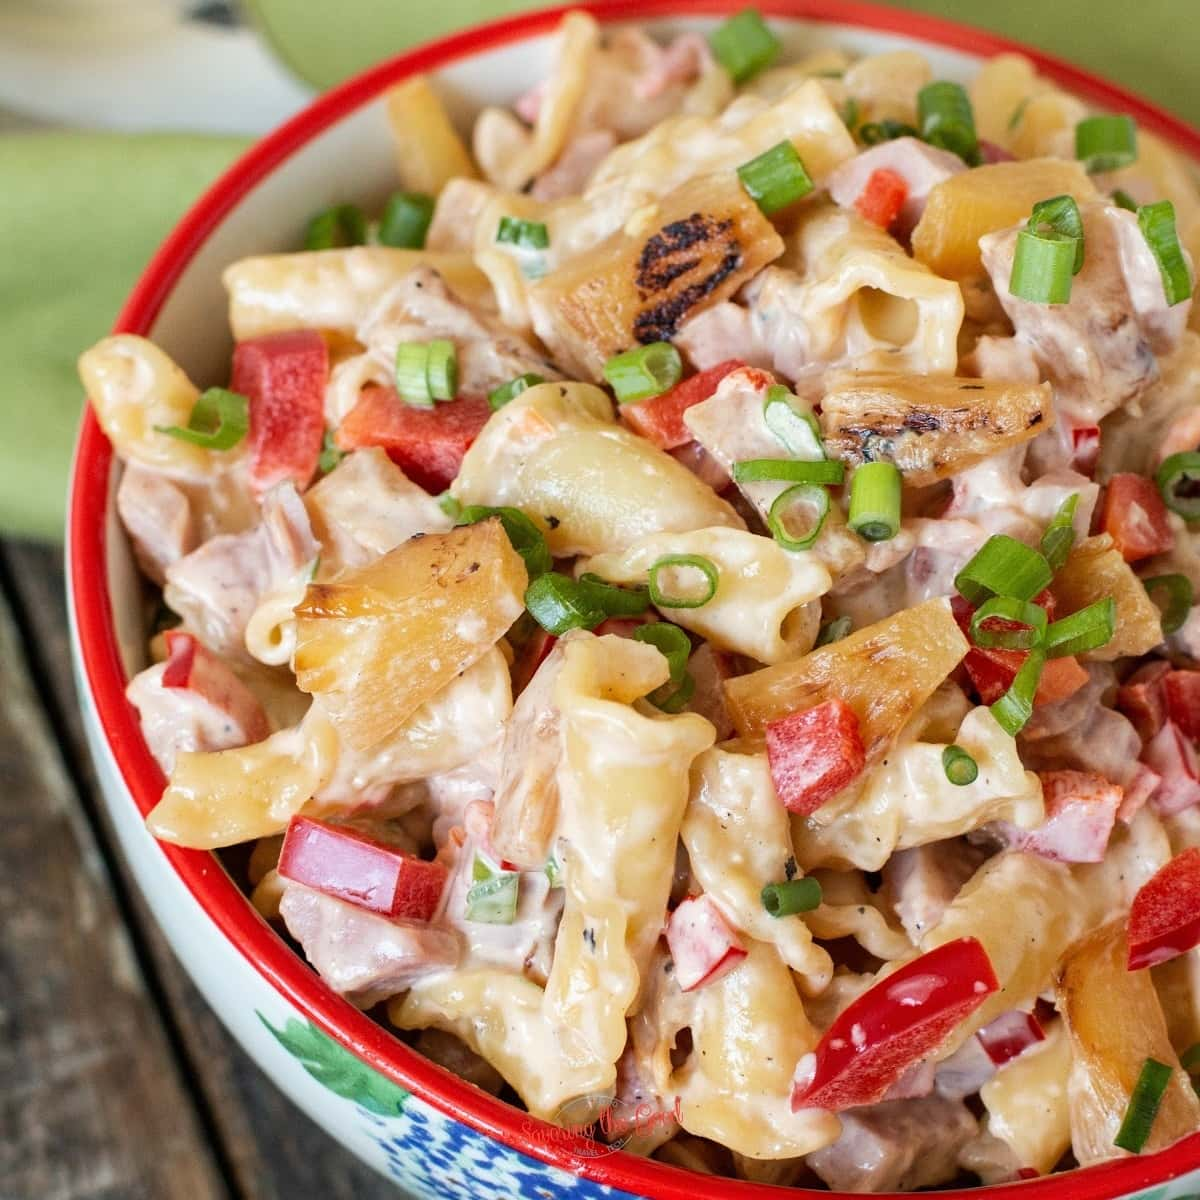 ham and pineapple pasta salad recipe square image